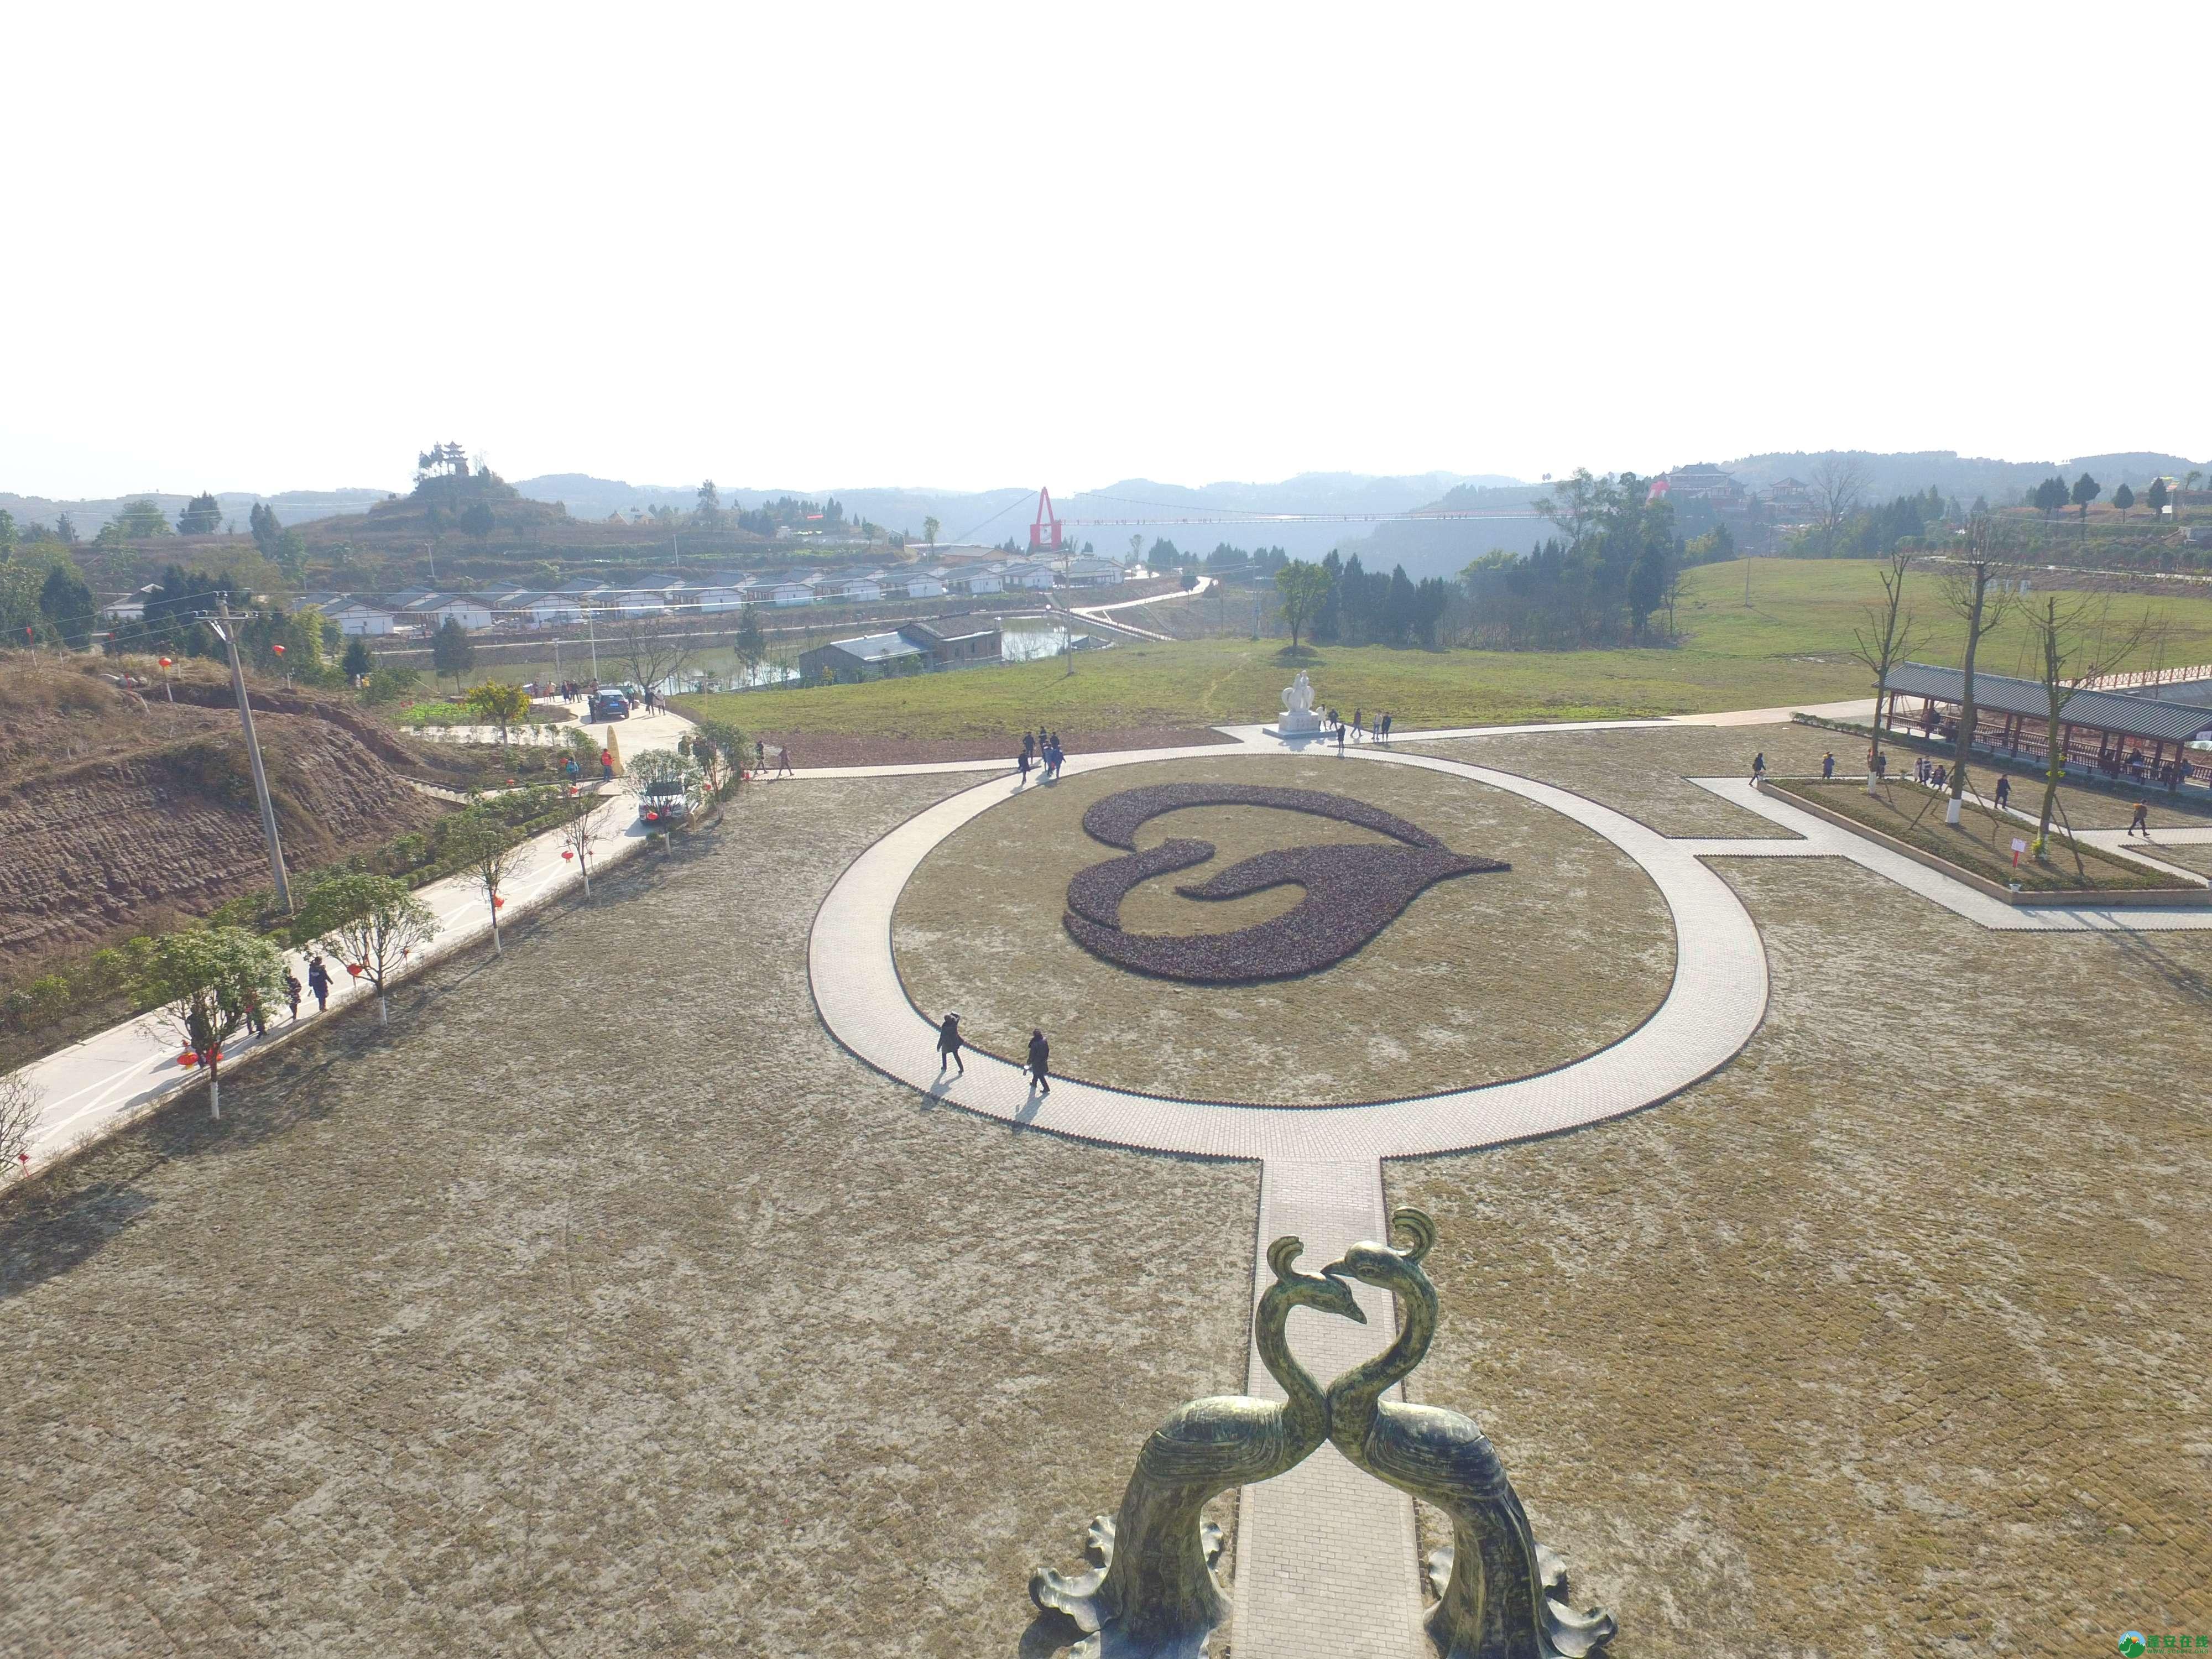 蓬安县正源镇红豆村首个悬空玻璃吊桥正式开放 - 第5张  | 蓬安在线